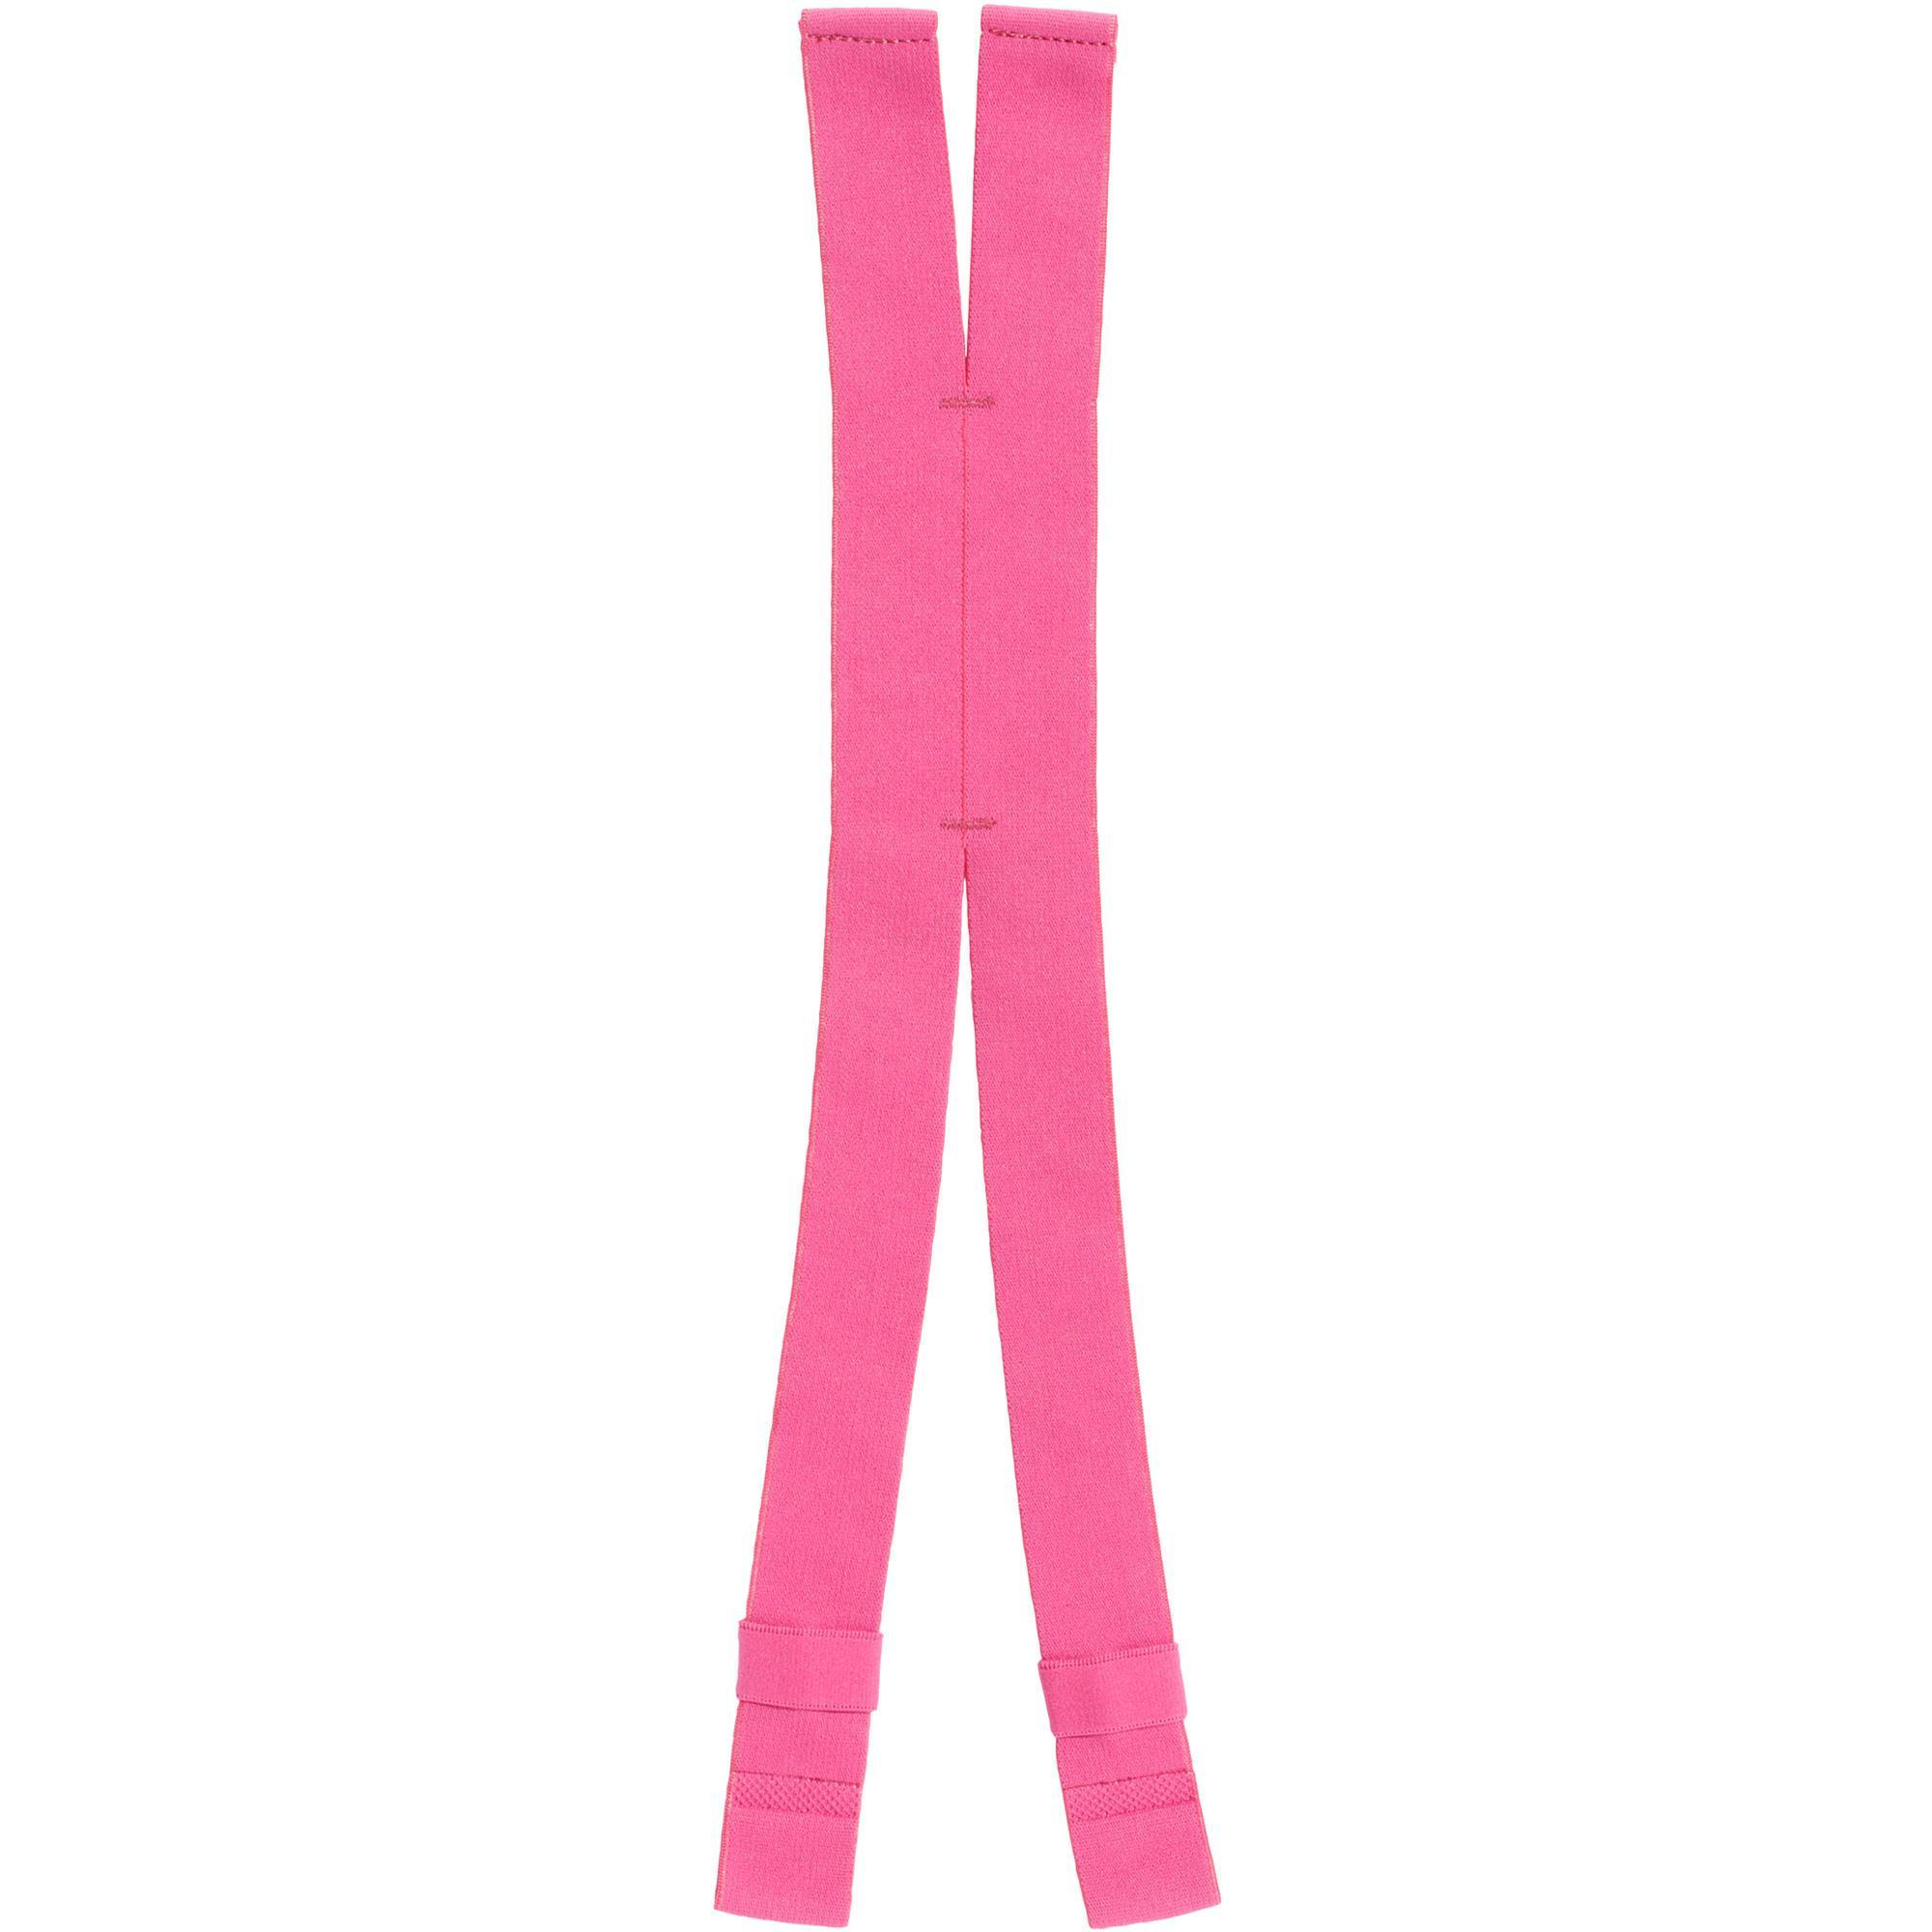 Subea Strap voor Easybreath-snorkelmasker roze kopen